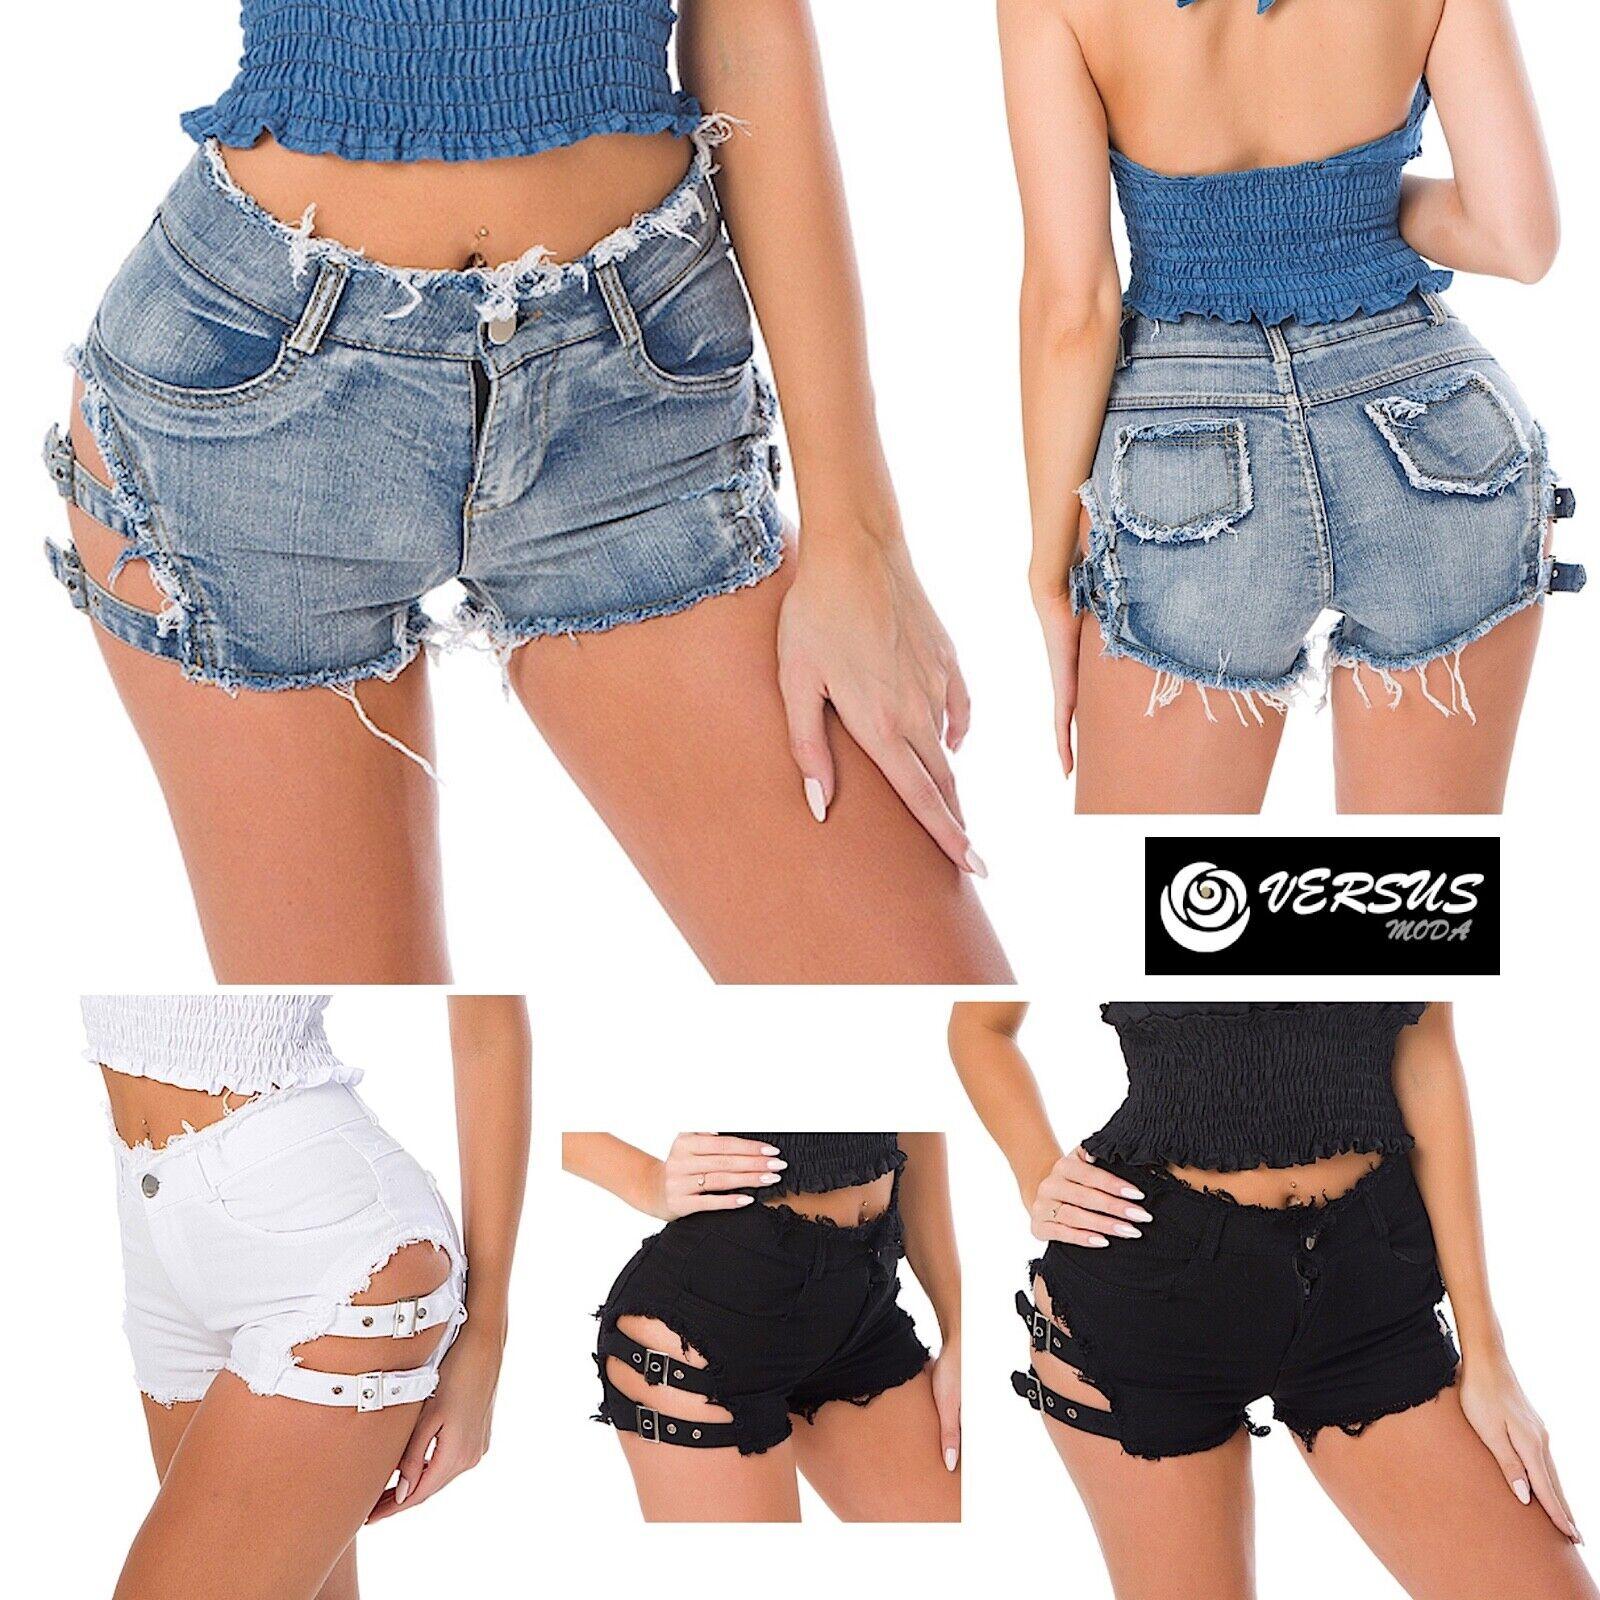 Mini Pantaloncini Jeans Donna Lacci Laterali Coachella JEA023